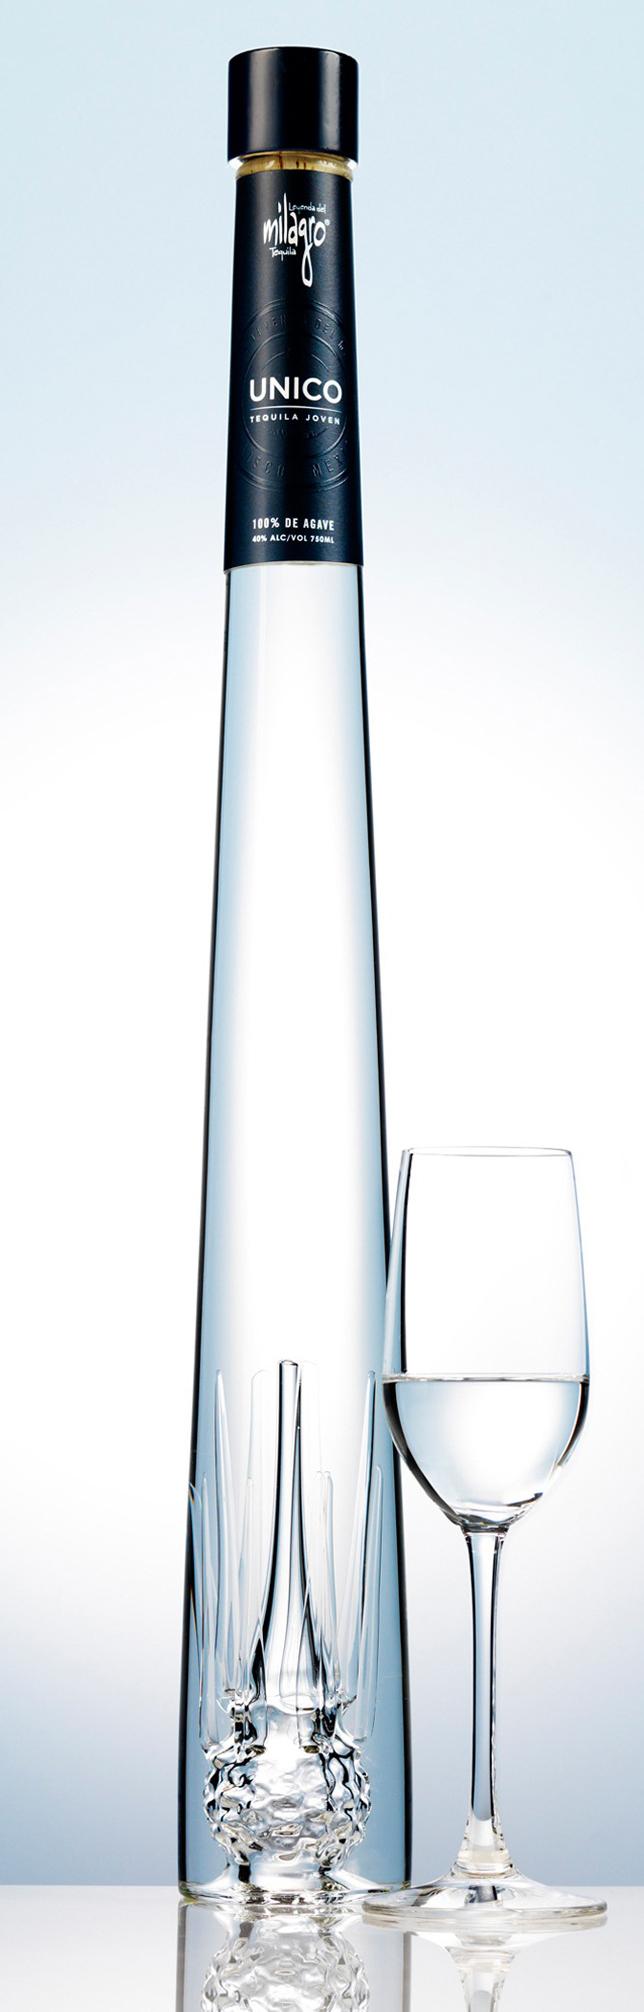 milagro tequila originale cette bouteille le verre est. Black Bedroom Furniture Sets. Home Design Ideas